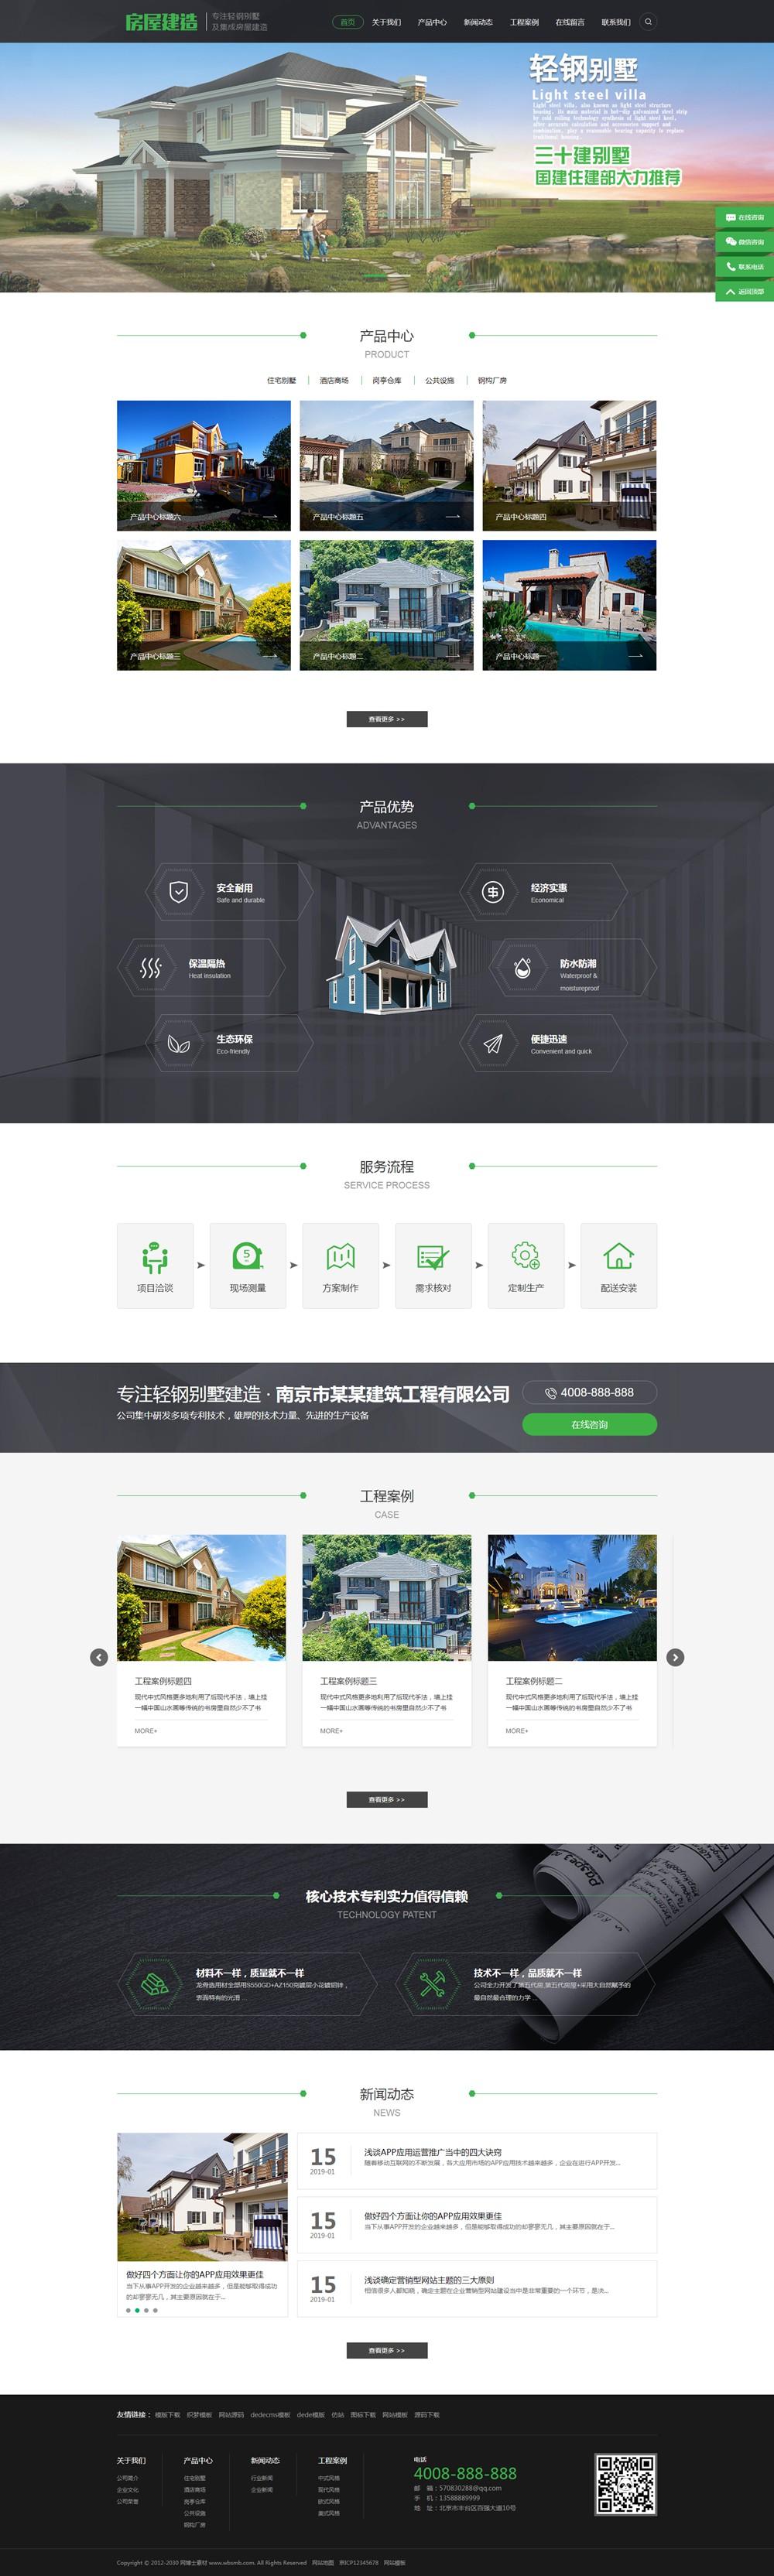 (带手机版数据同步)地产房屋建筑建造装修类网站织梦模板 建筑工程类网站源码下载